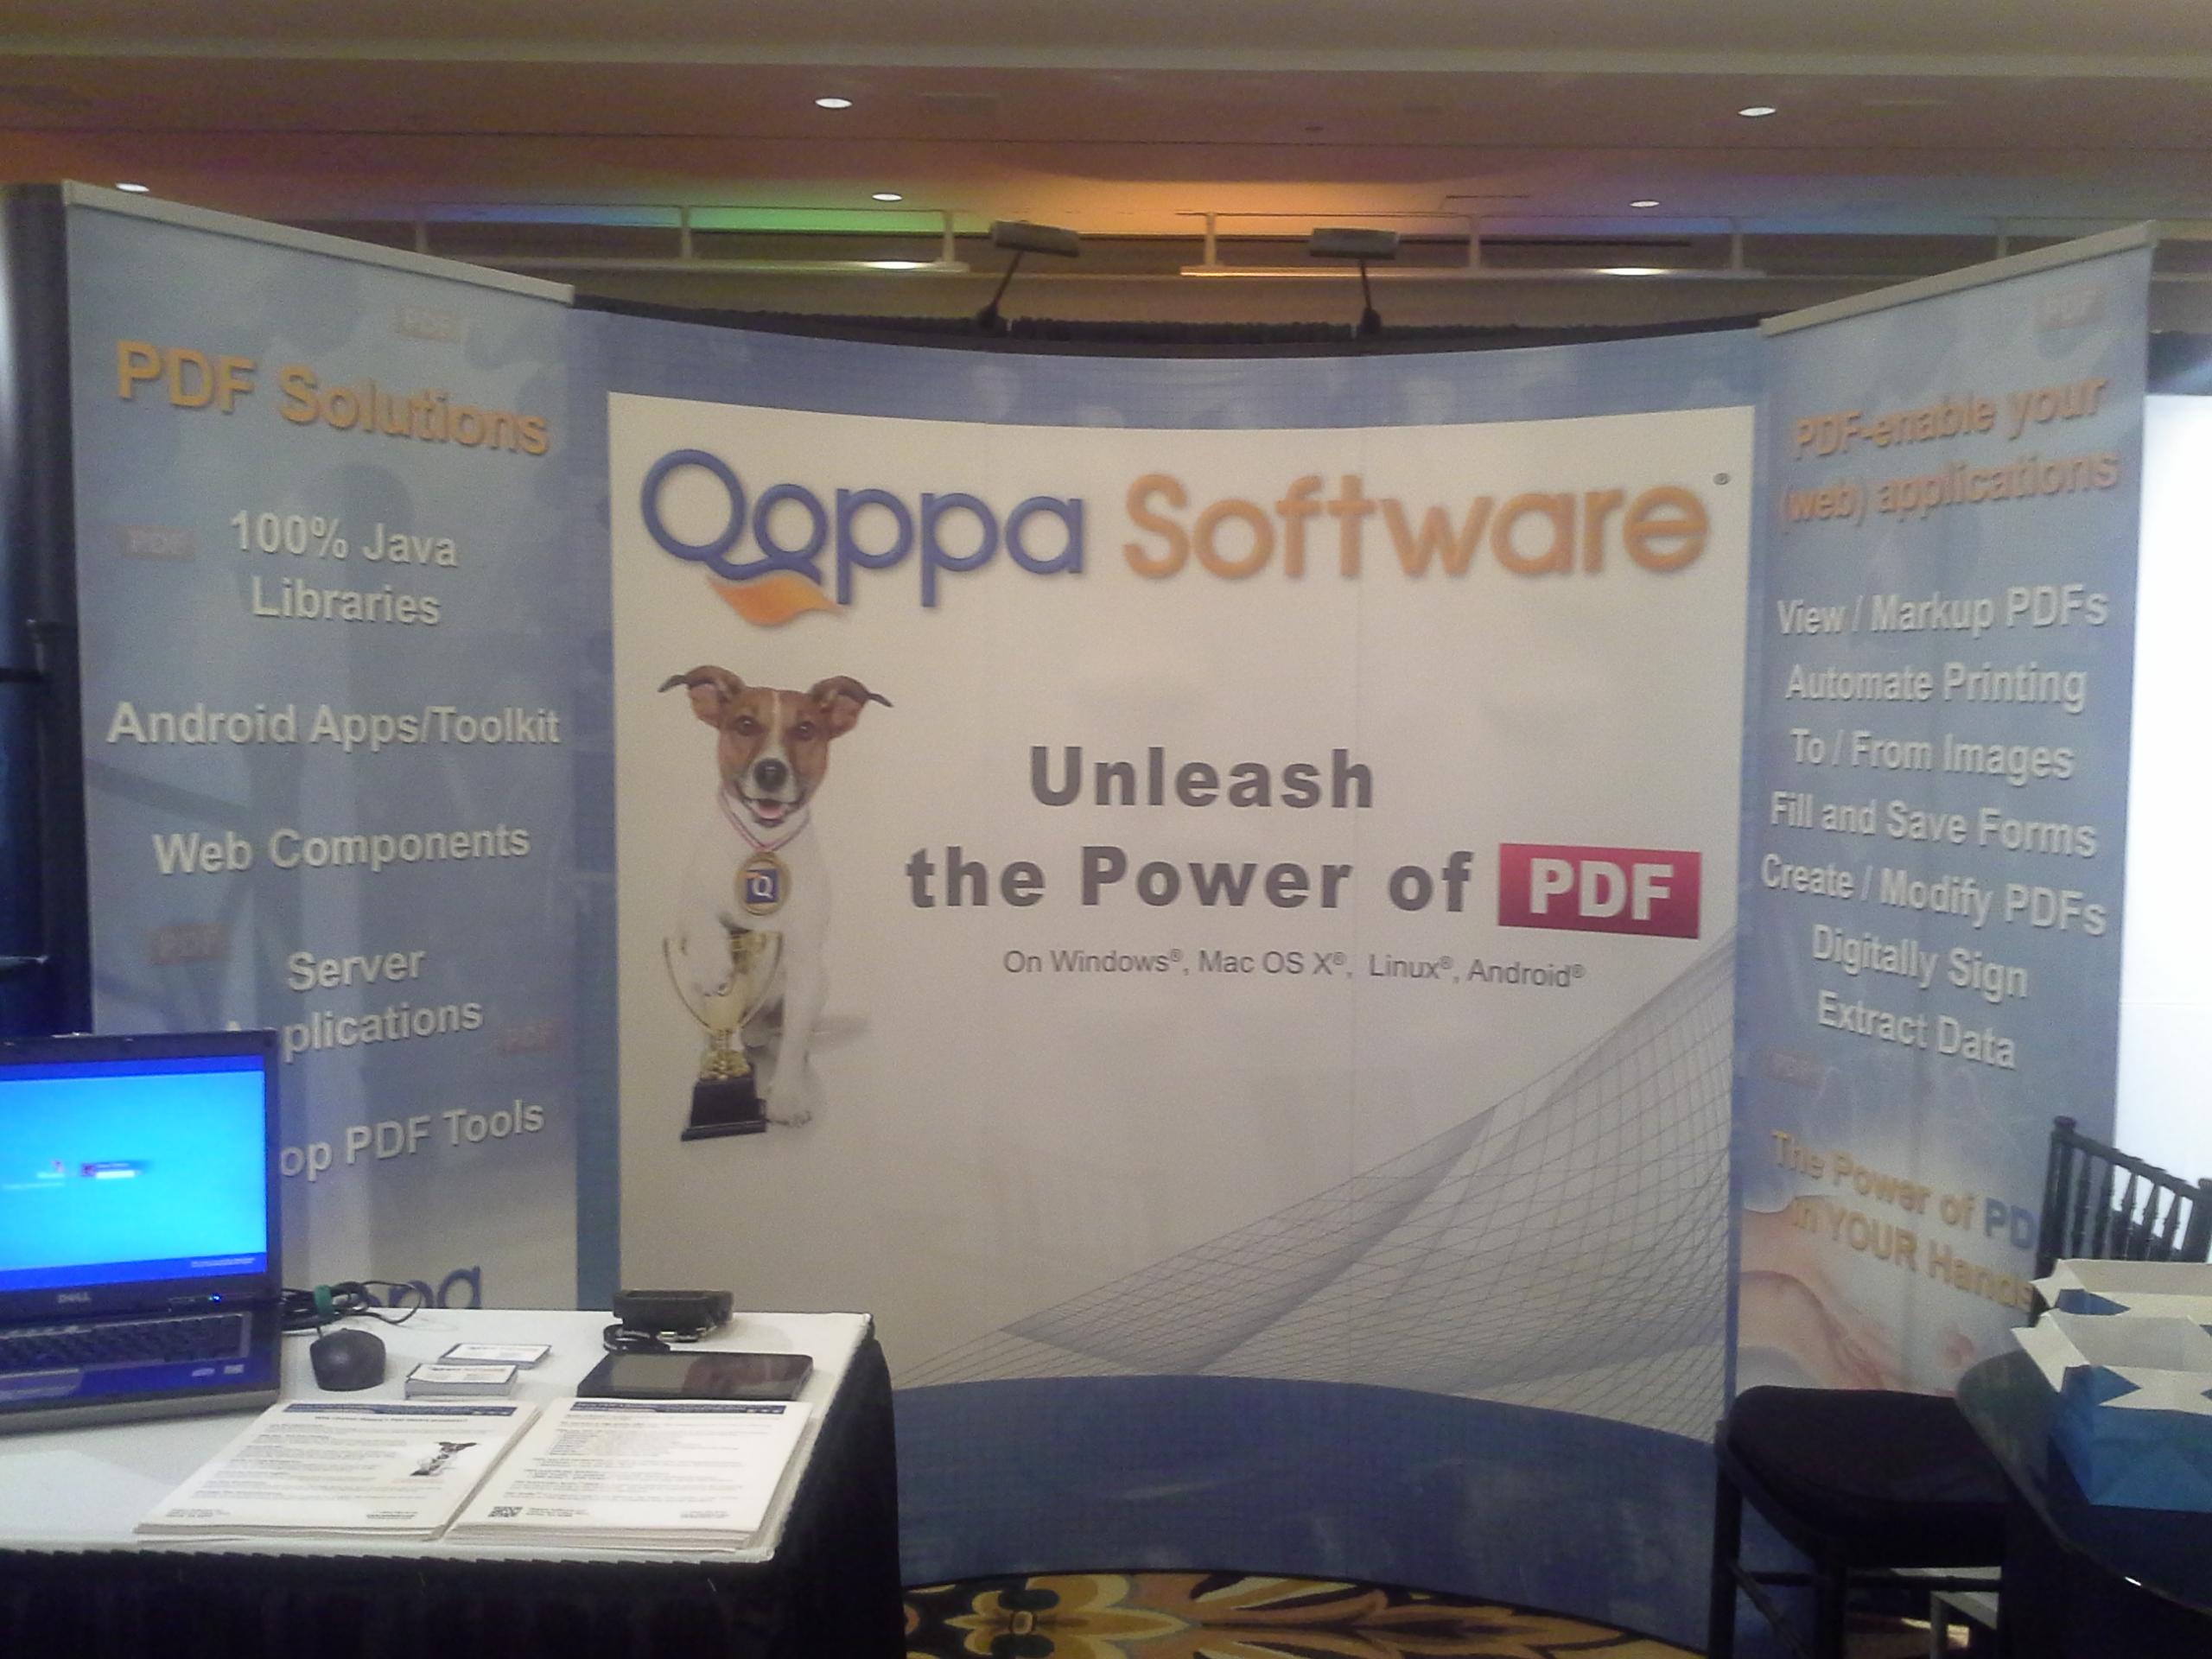 Qoppa Software Booth at JavaOne 2012